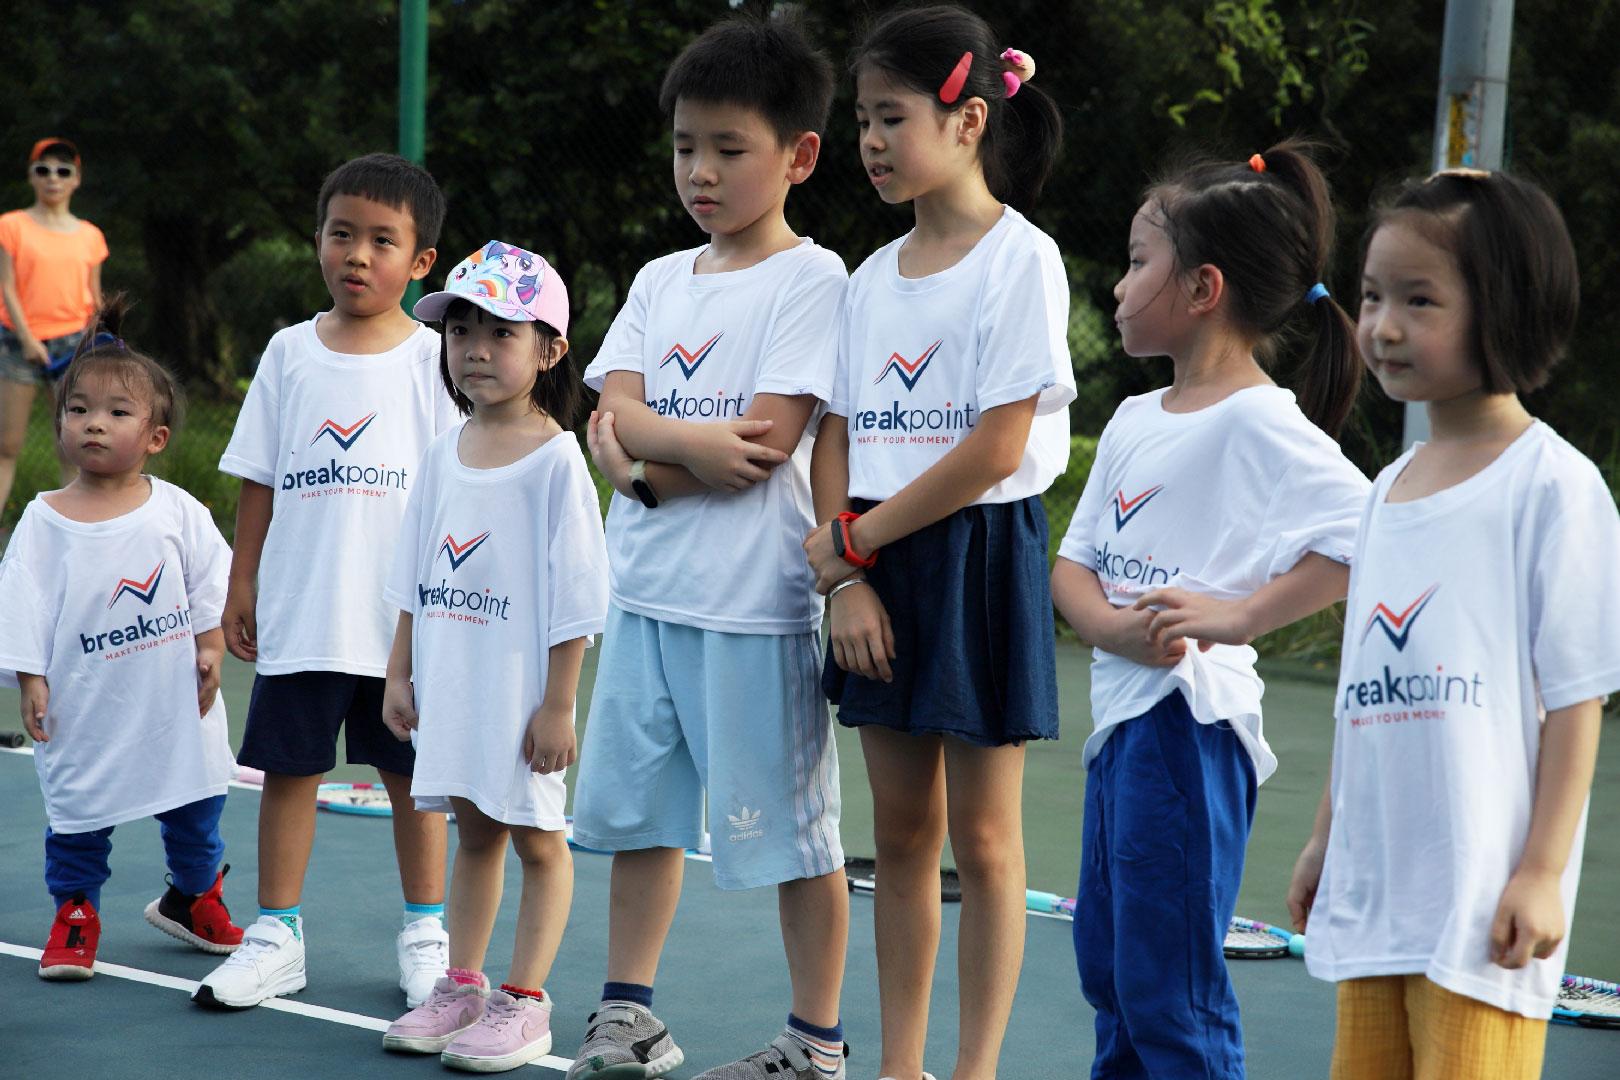 2020 breakpoint 網球體驗營